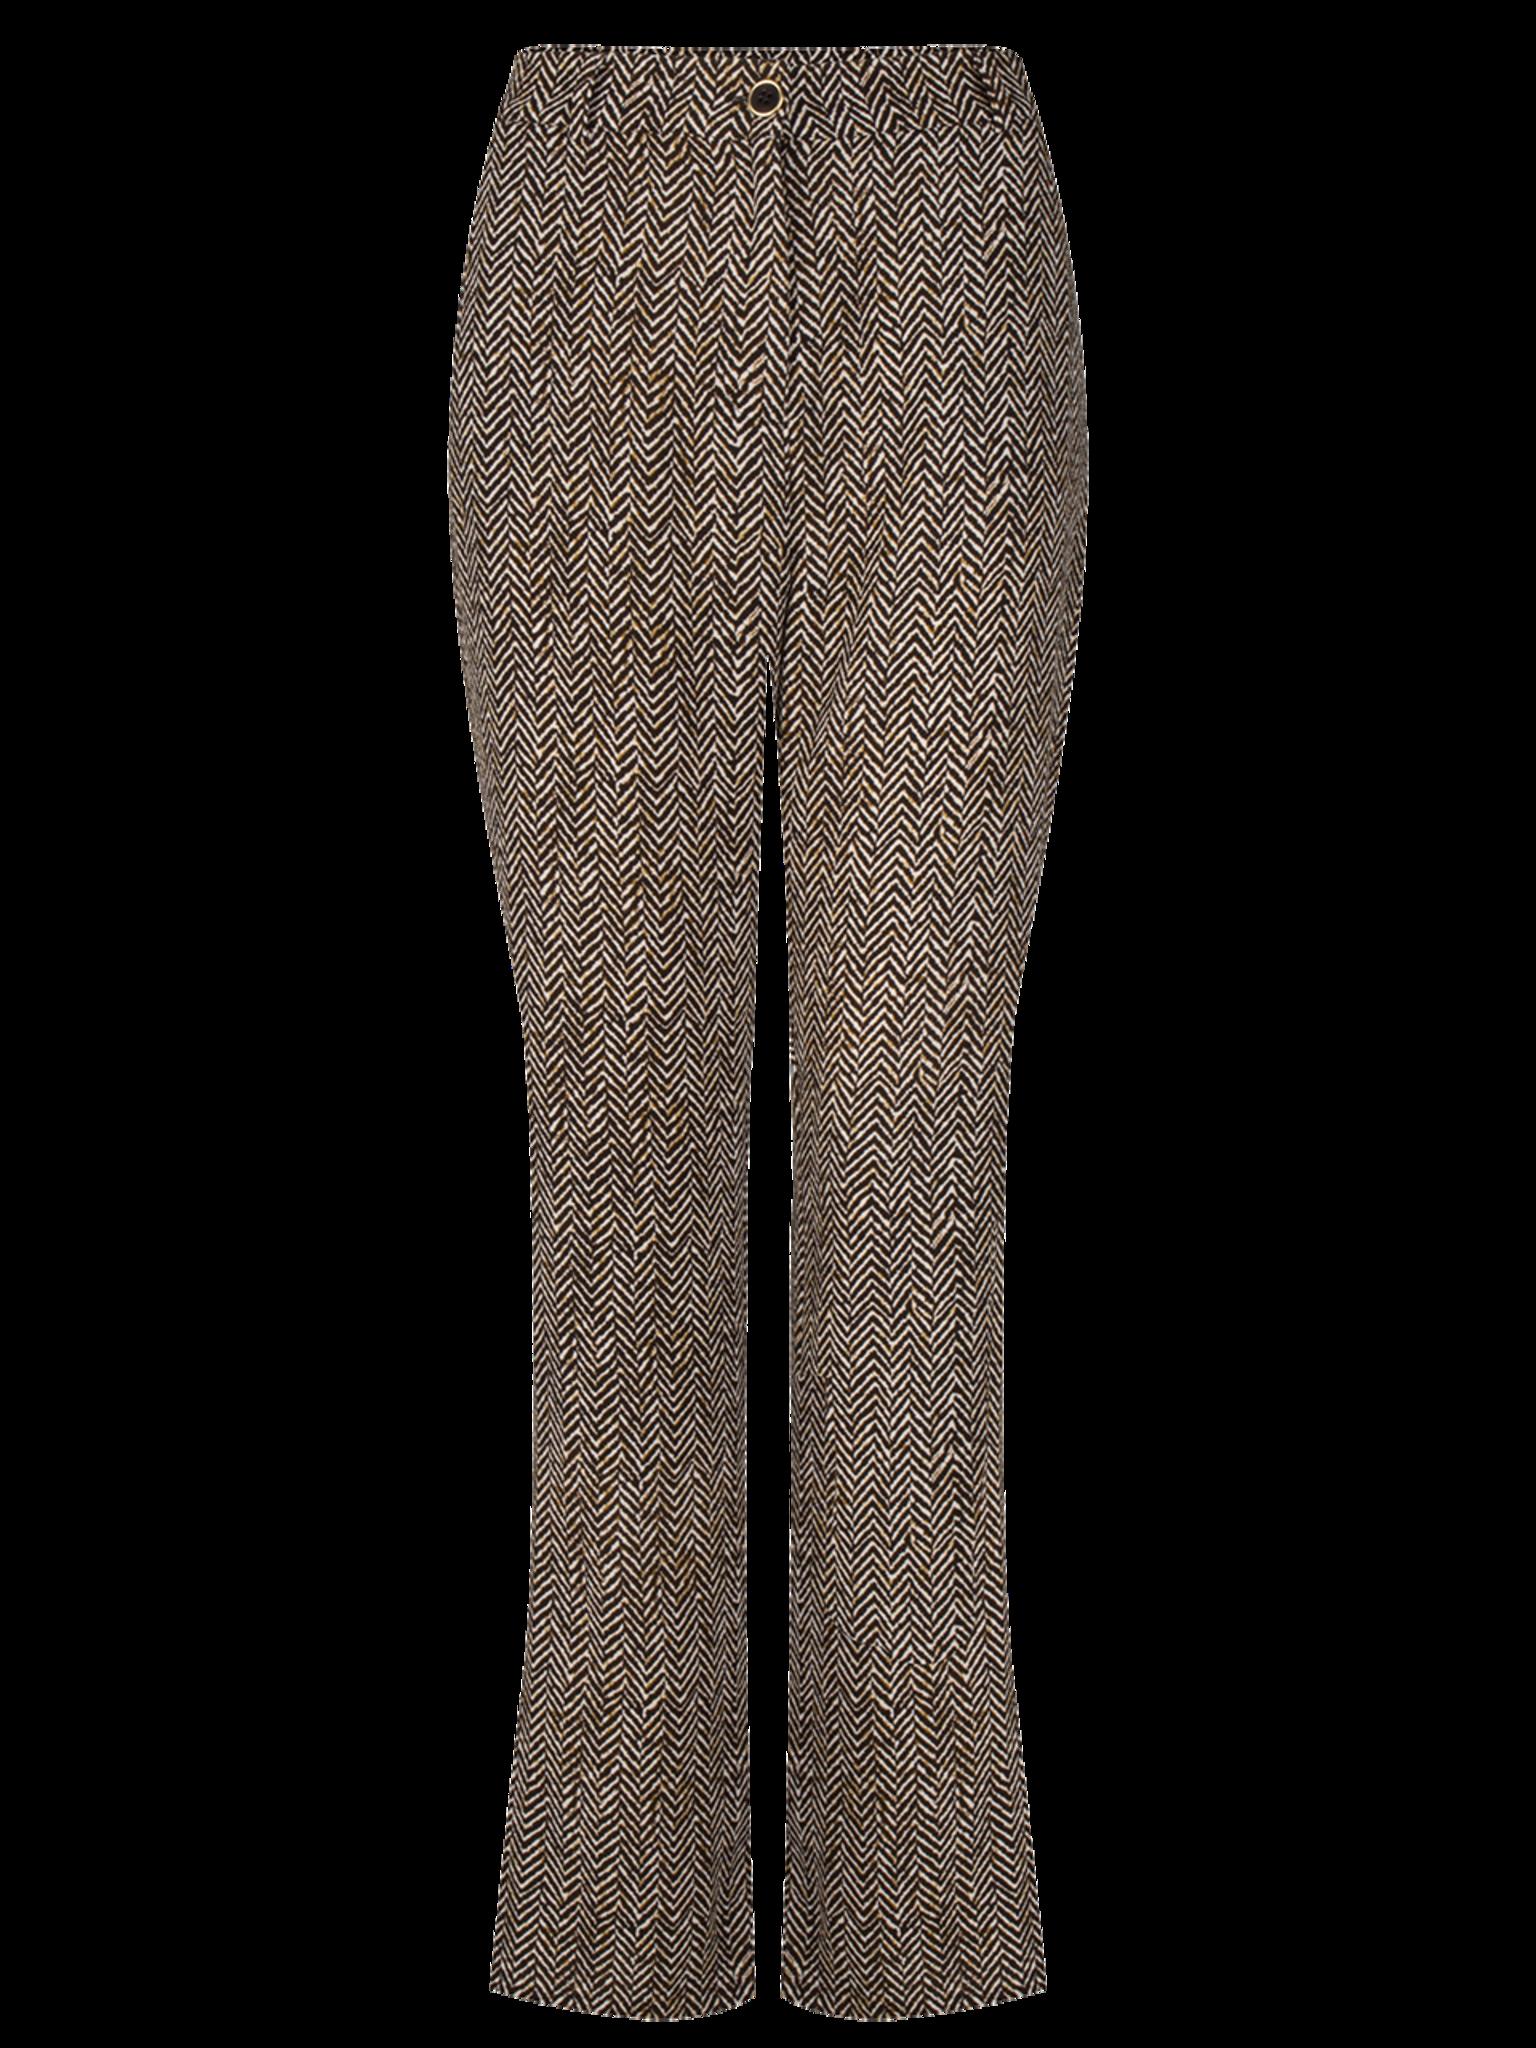 Dante 6 Trouser 204510 GOLDON-1